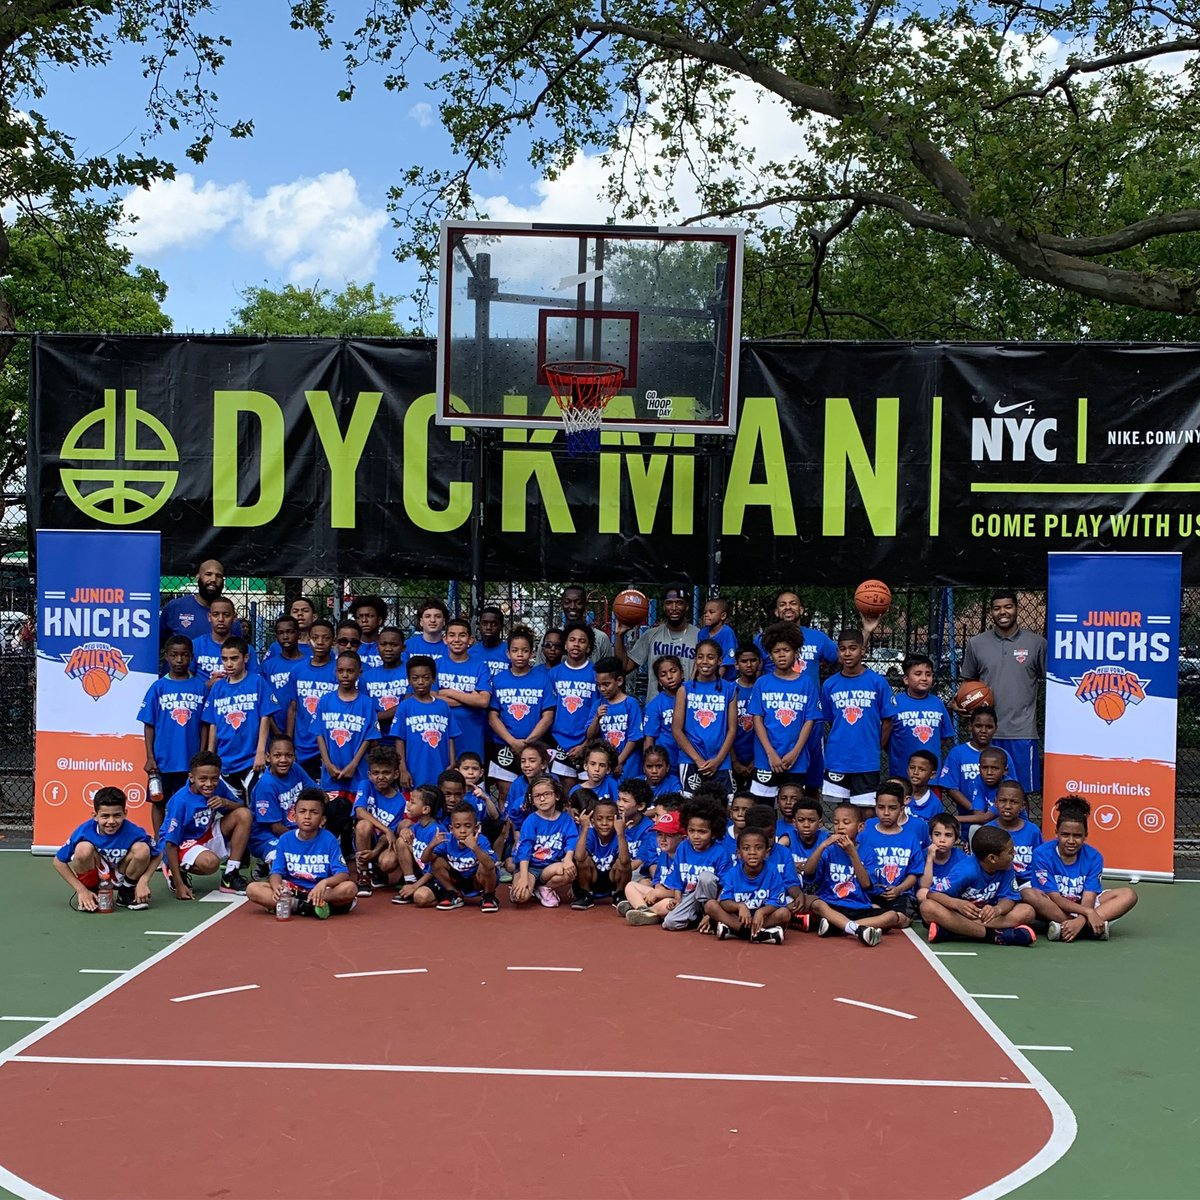 A Saturday well spent at @IamDyckman 💪🙌 #JrKnicks